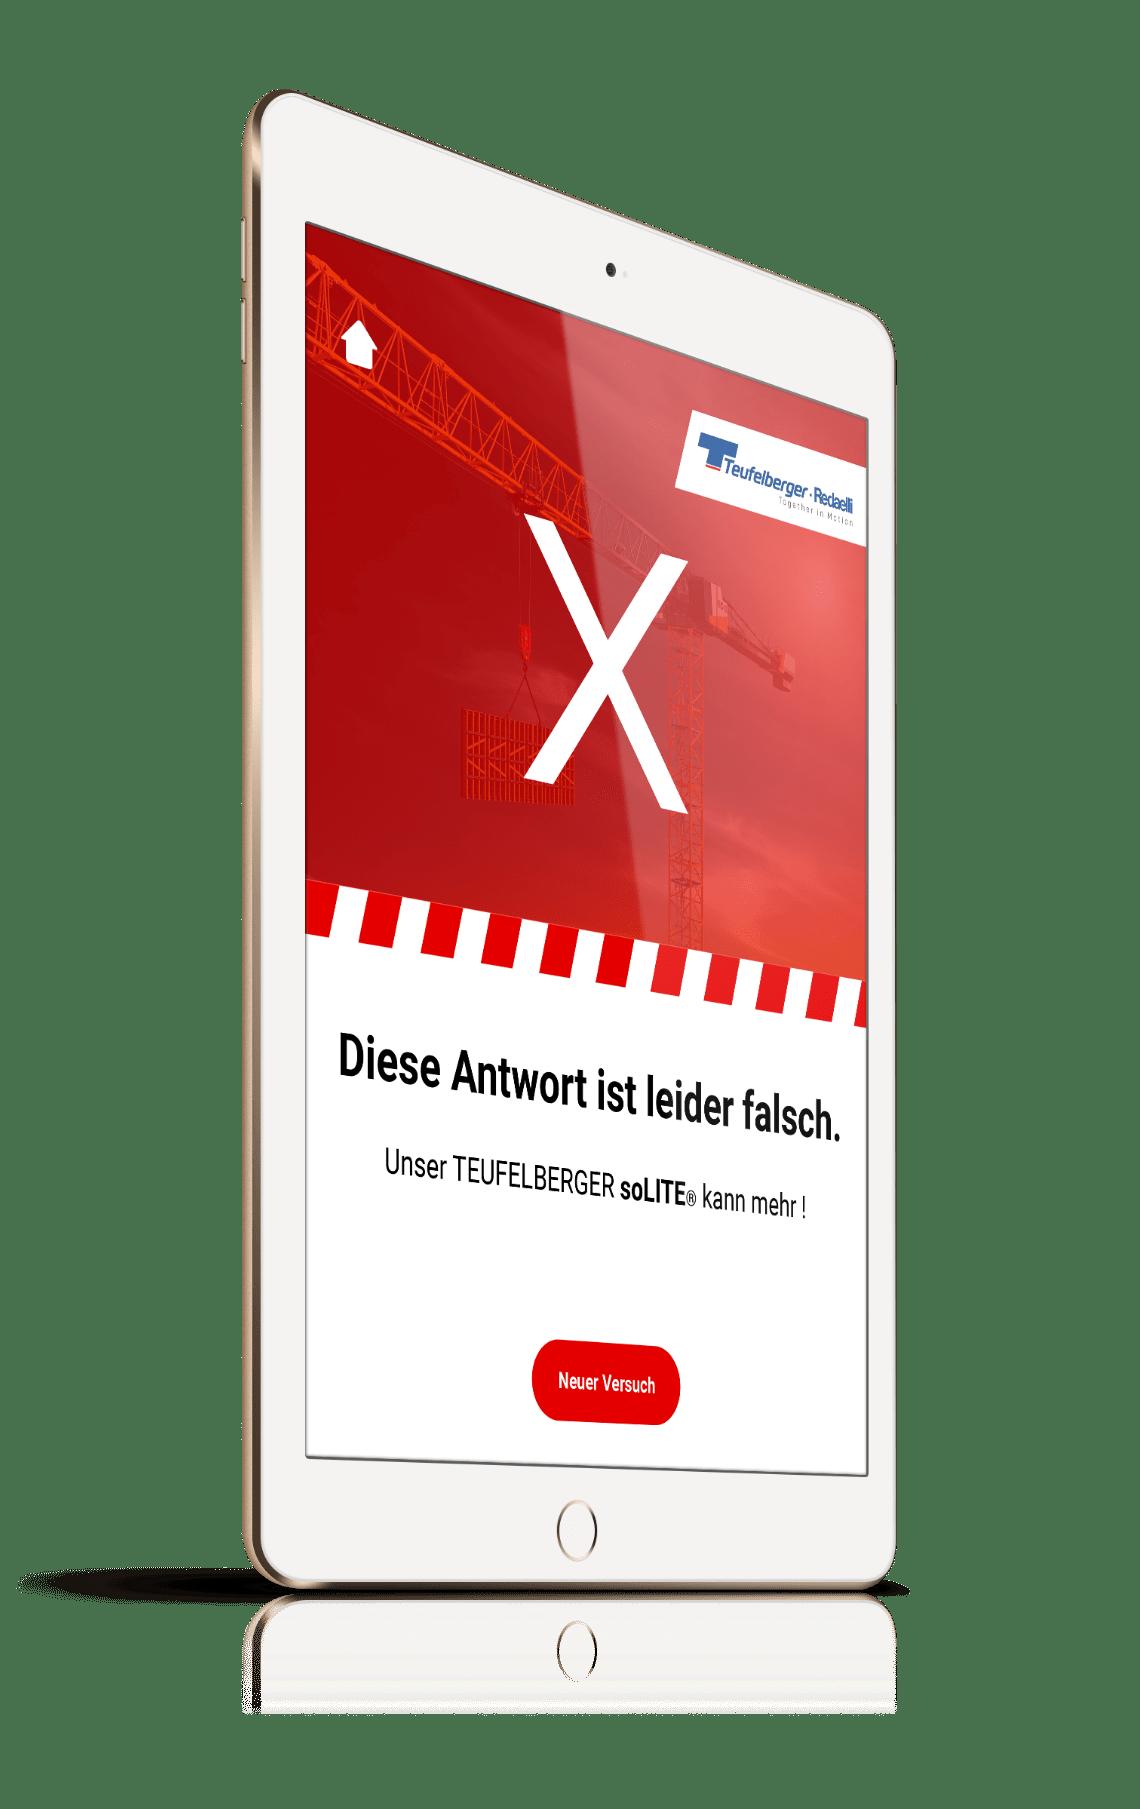 q2-werbeagentur_teufelberger-app_falsch-min